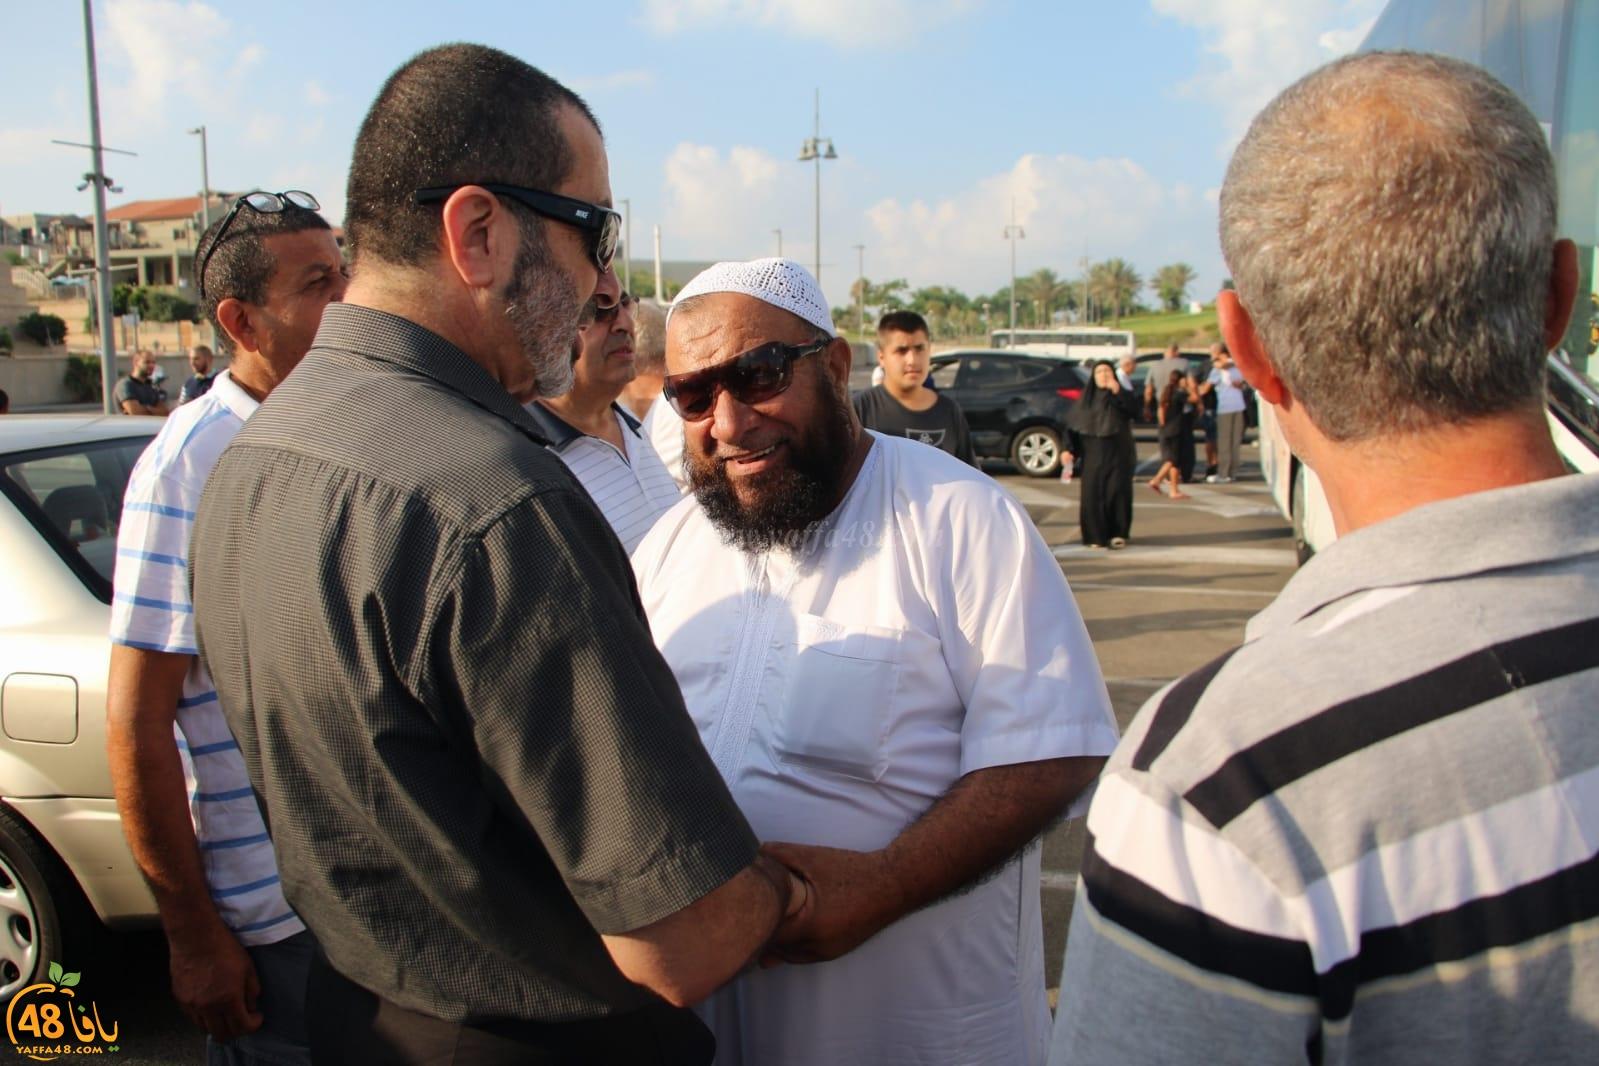 بالصور: باشراف لجنة الحج والعمرة - انطلاق الفوج الاول من حجاج يافا للديار الحجازية